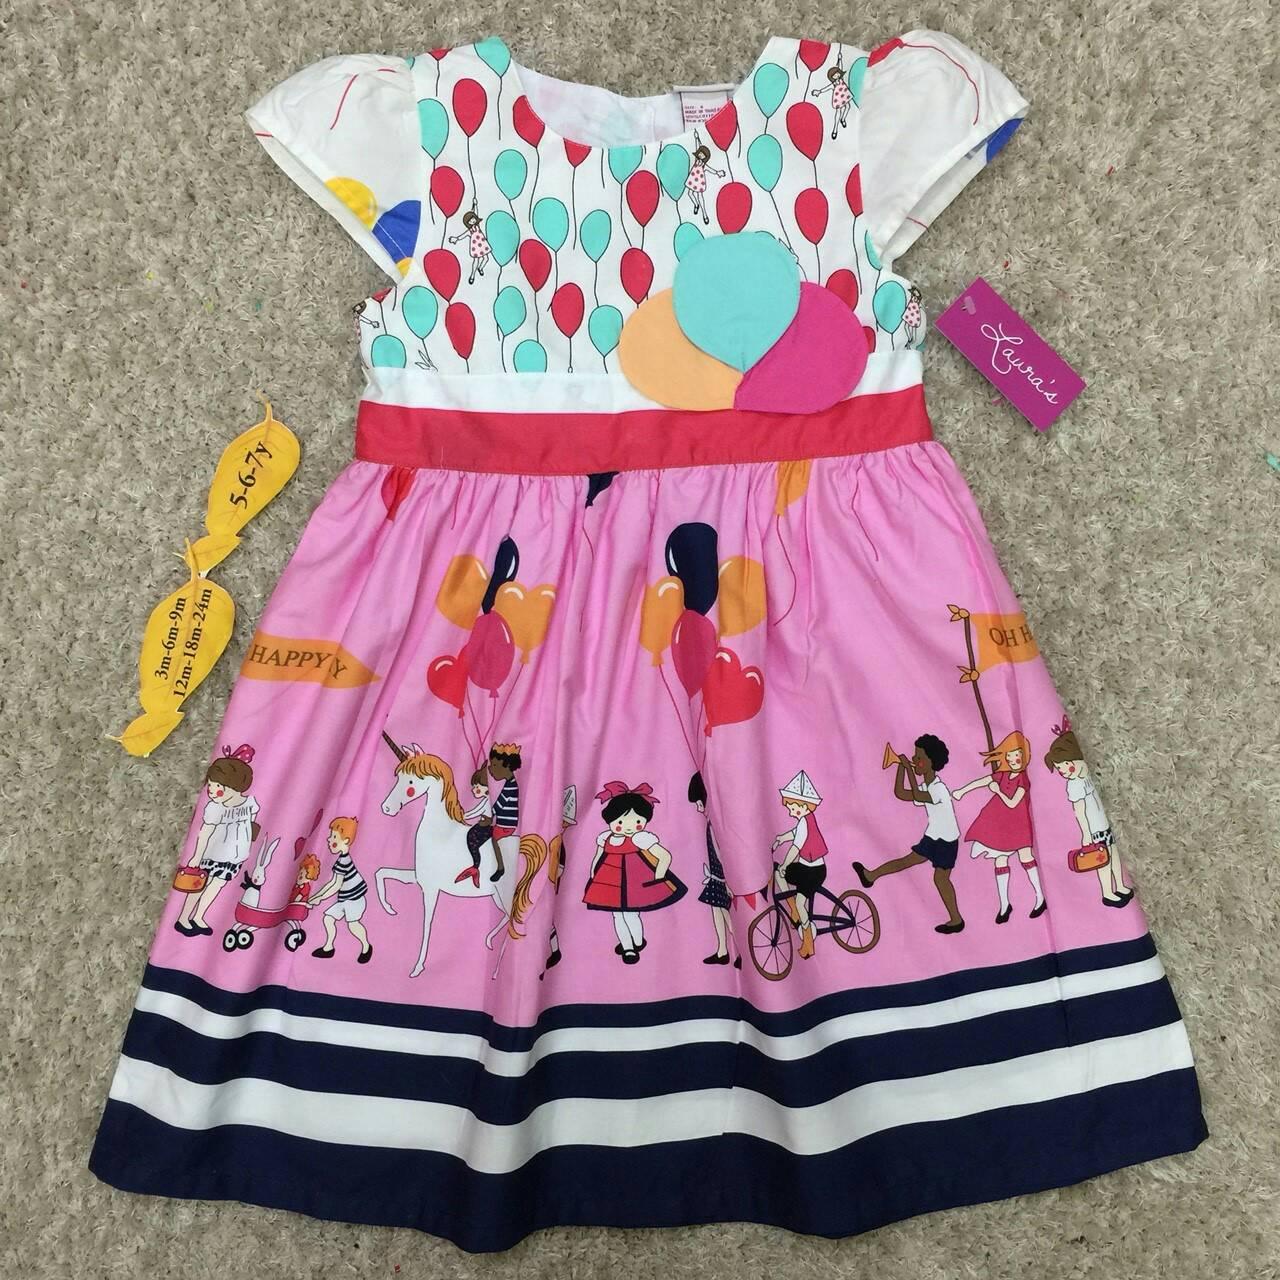 เสื้อผ้าเด็ก 5-7ปี size 5Y-6Y-7Y ลายลูกโป่ง สีขาว/ชมพู